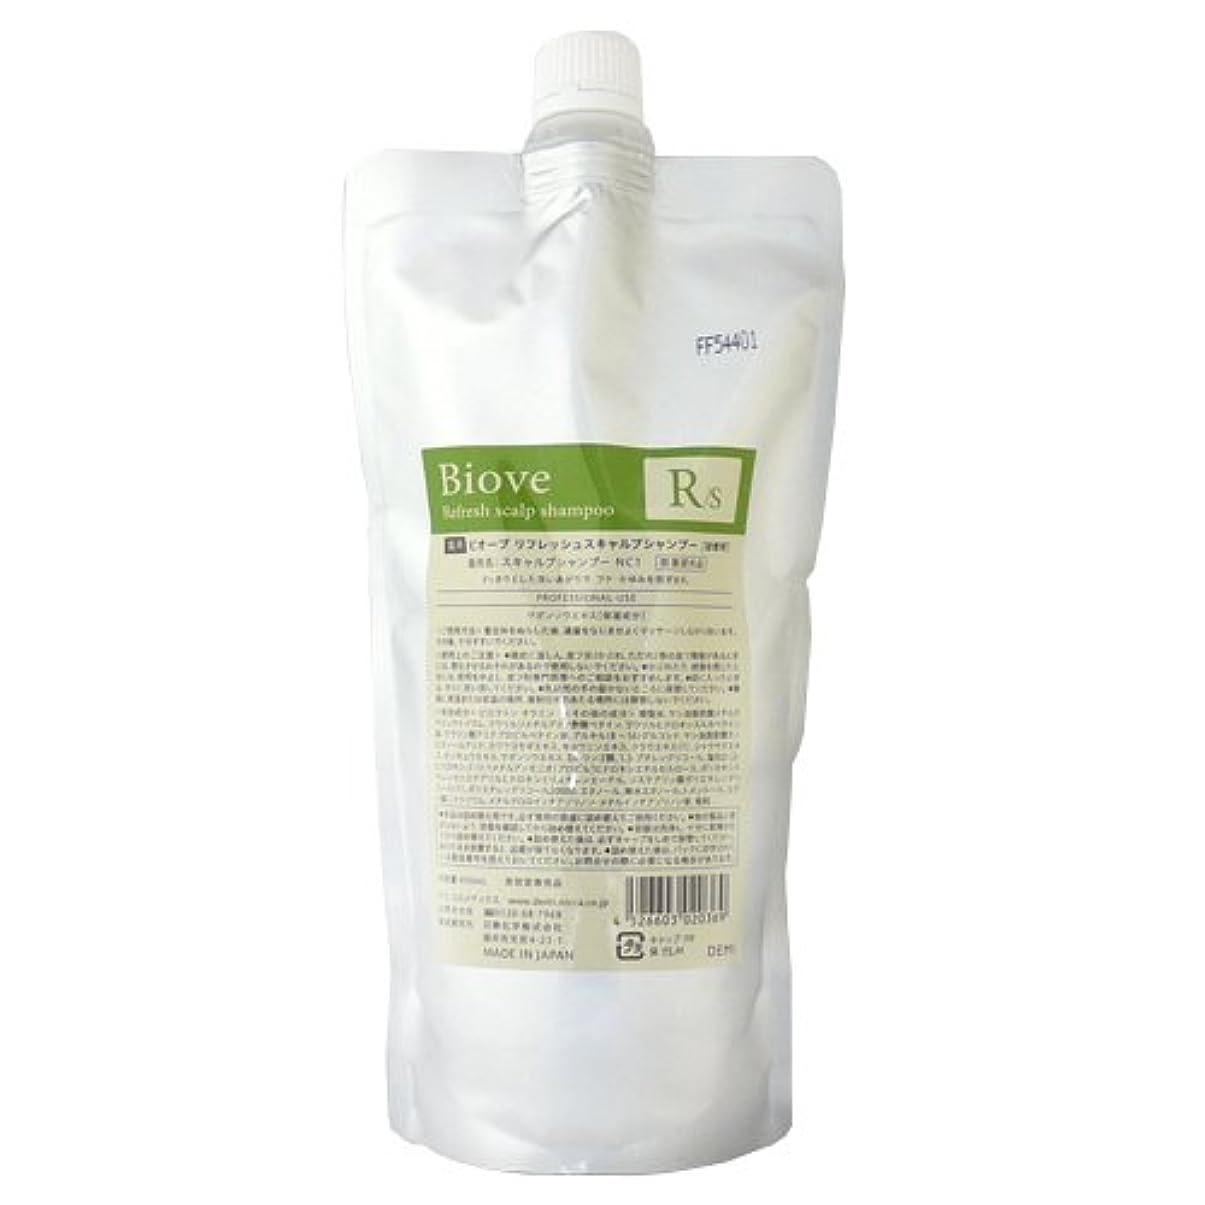 洗剤適用する雰囲気デミ ビオーブ リフレッシュスキャルプ シャンプー 詰替 450mL